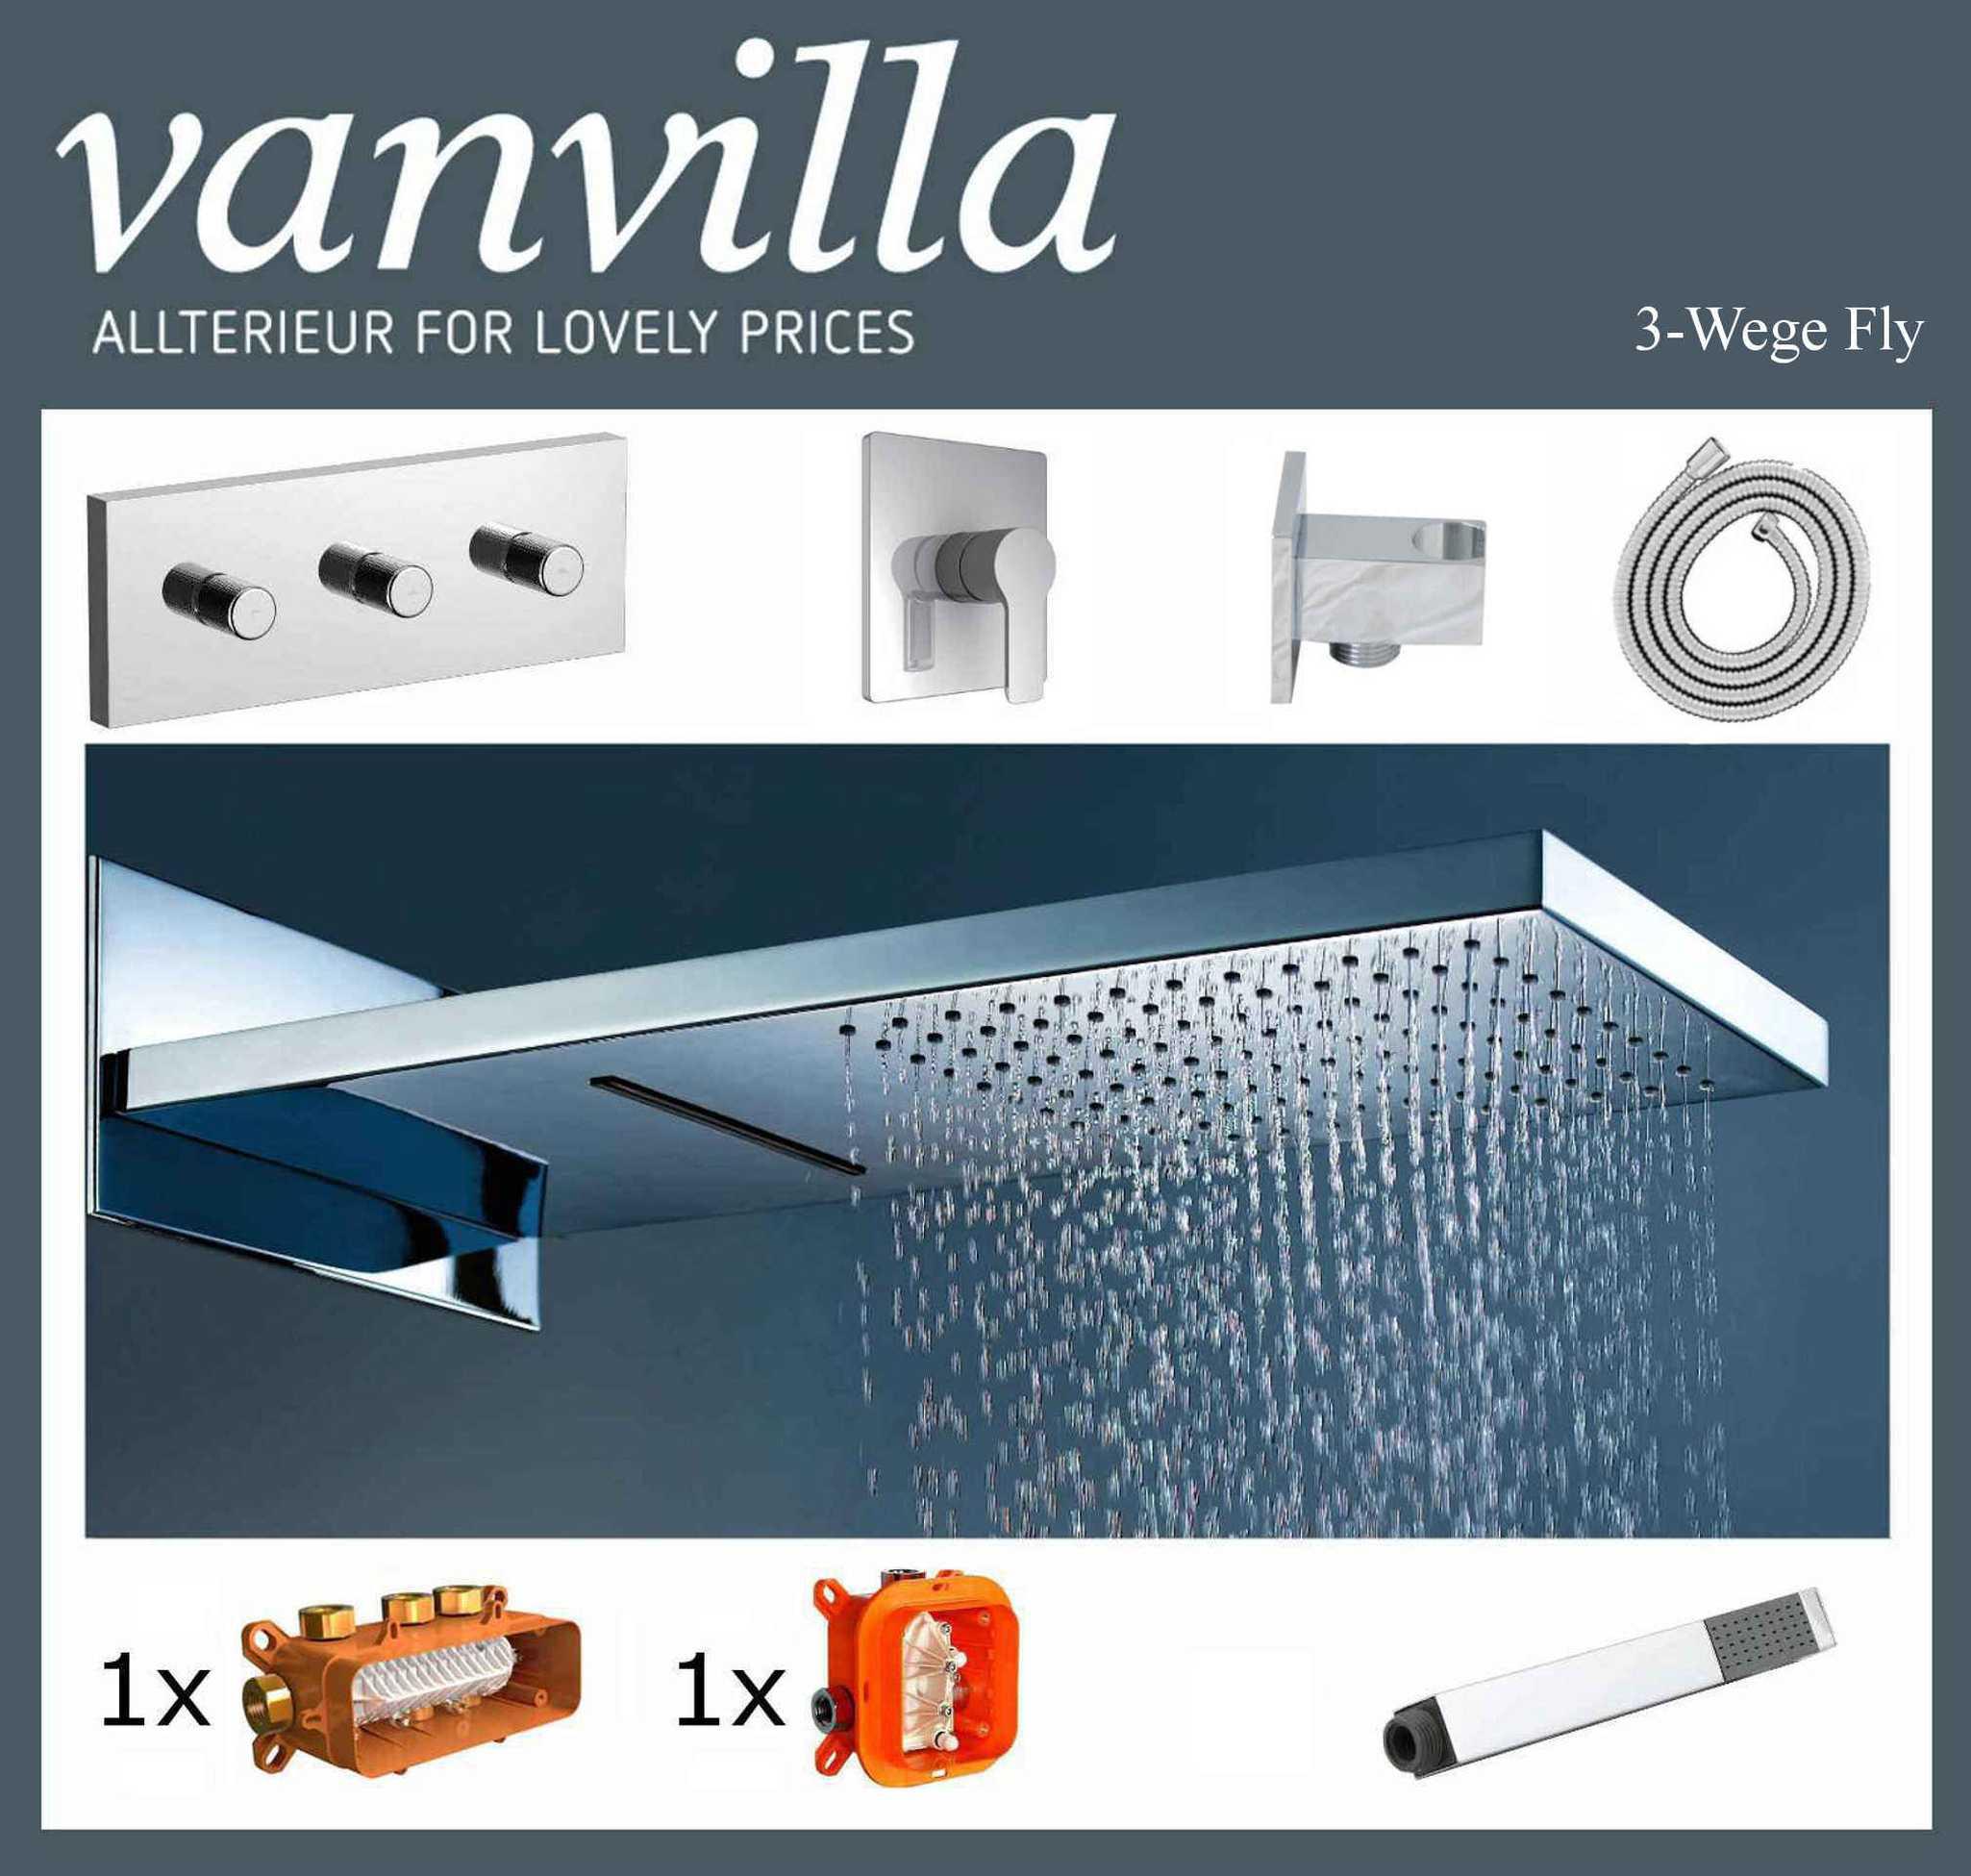 vanvilla unterputz duscharmatur set schwallbrause regendusche regenbrause ebay. Black Bedroom Furniture Sets. Home Design Ideas